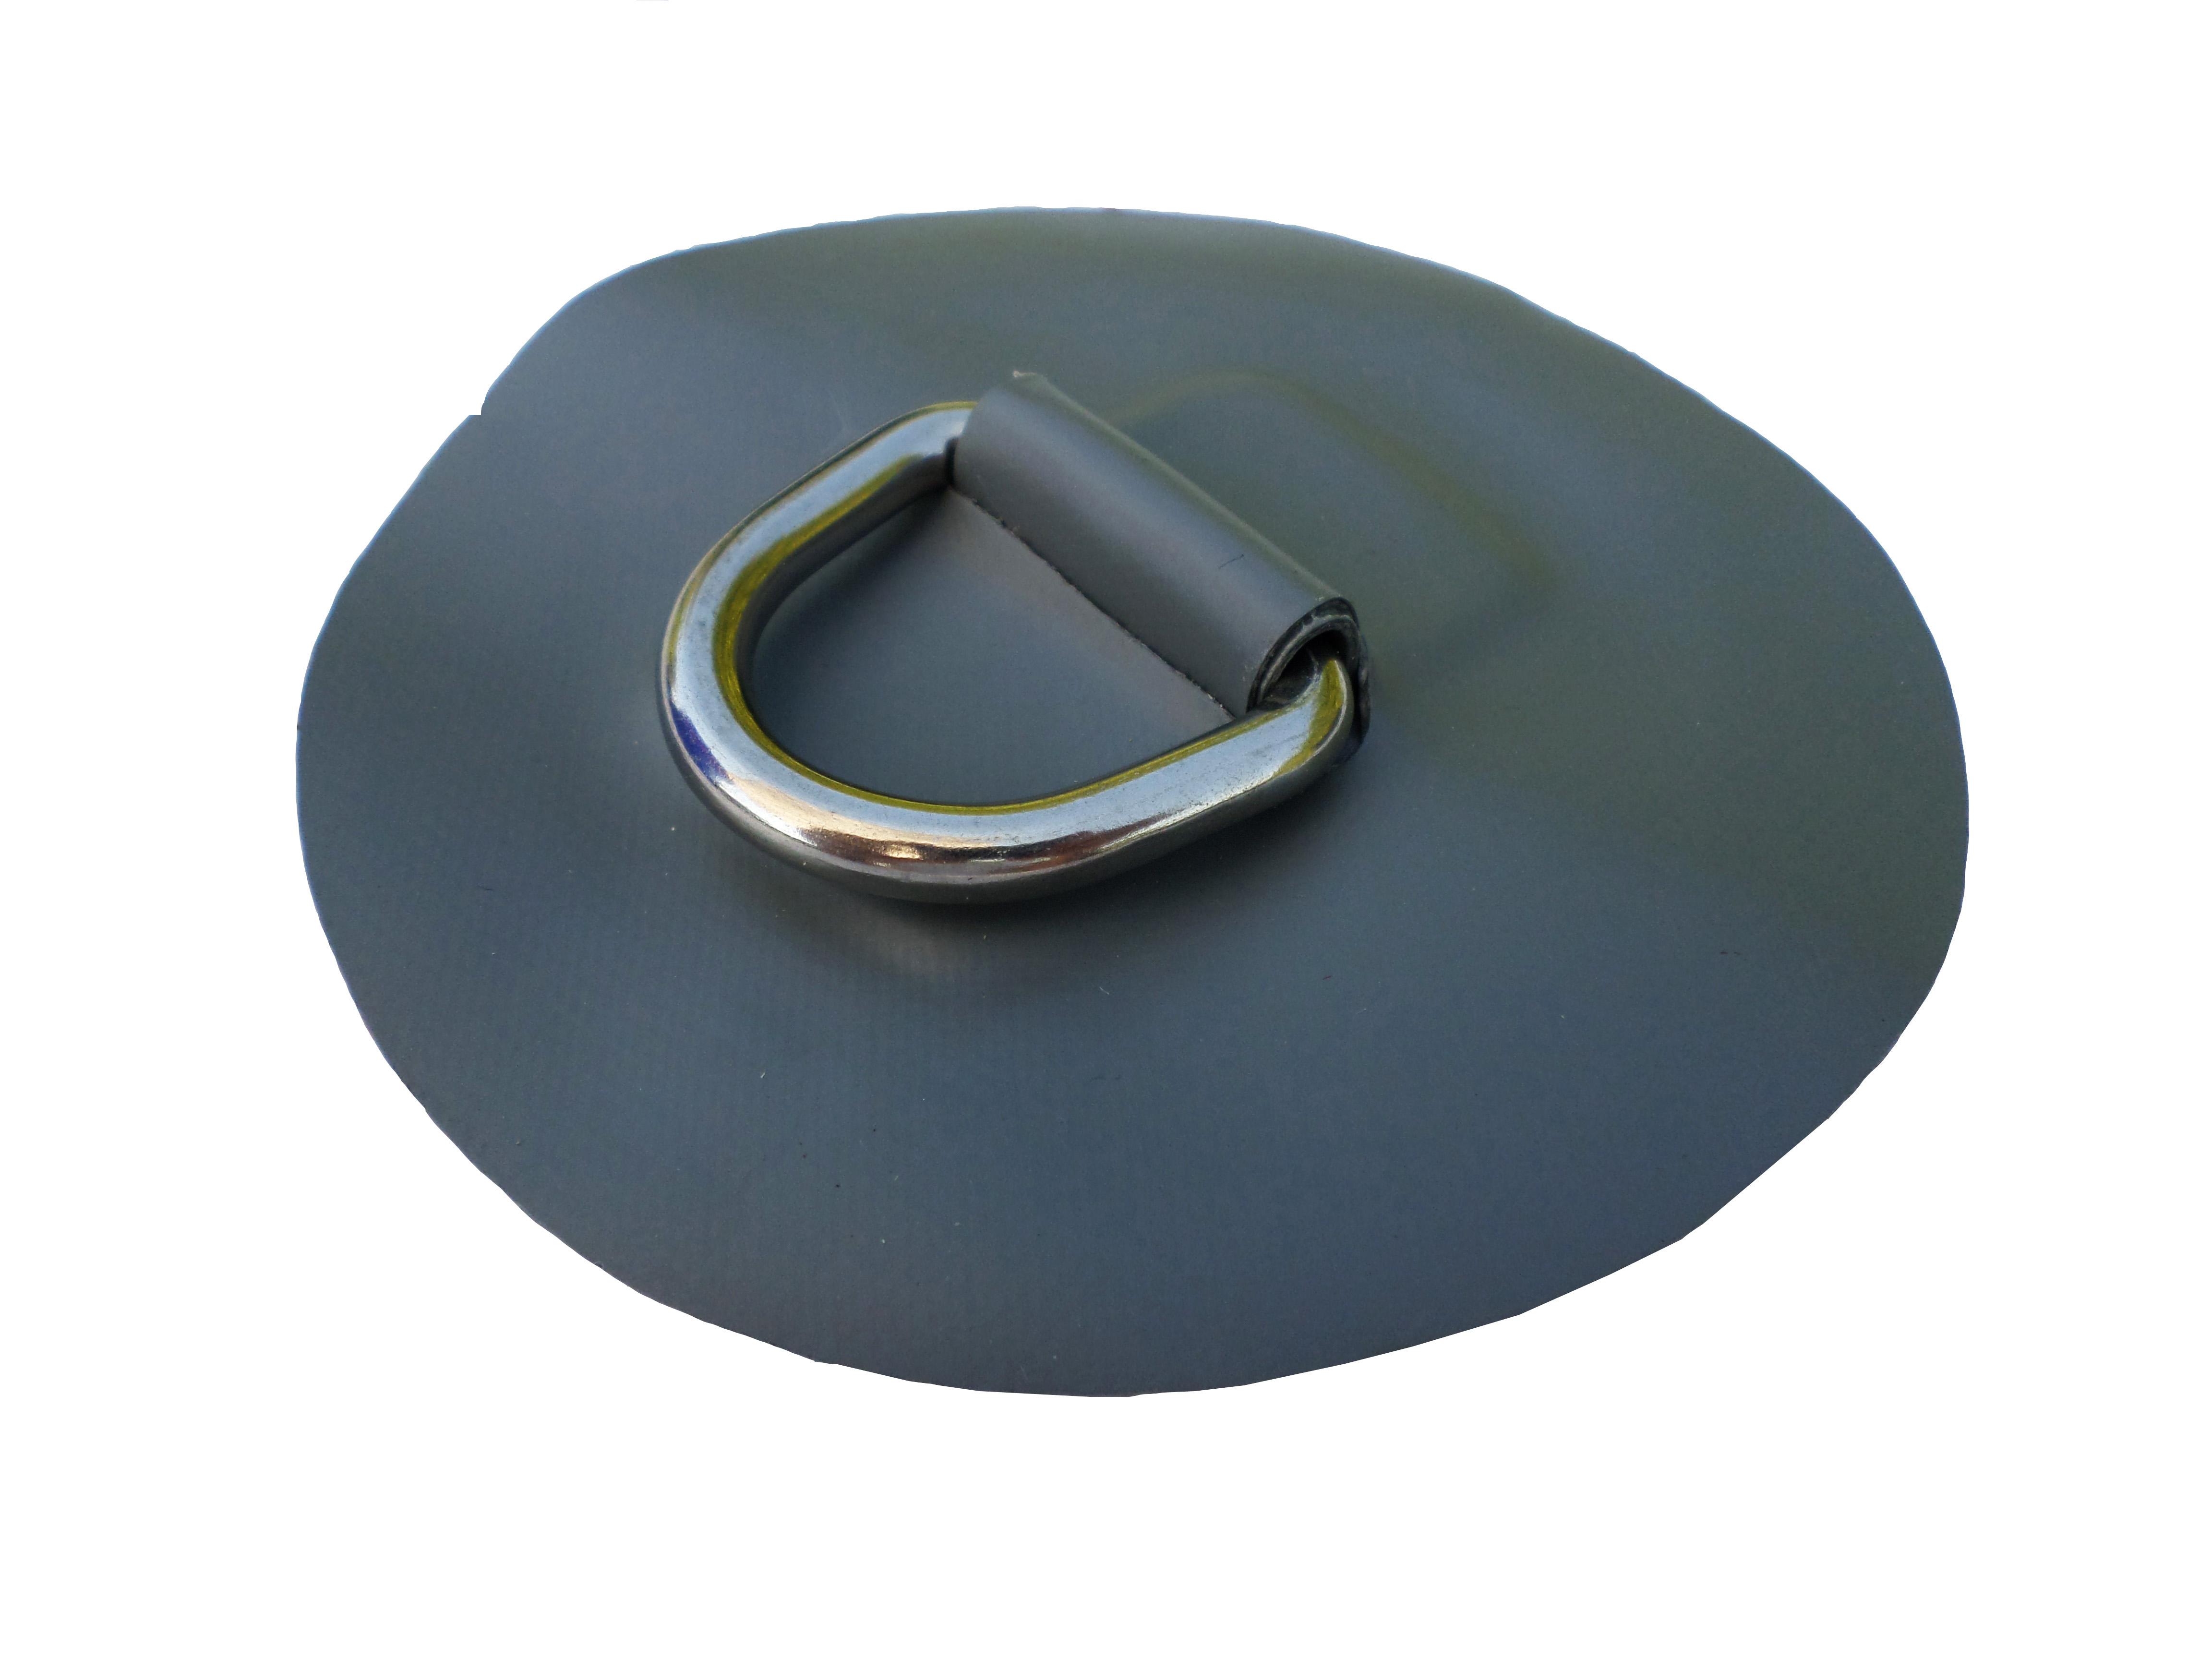 DeBo Rubberboot Hijsoog (D-Ring – RVS) Grijs